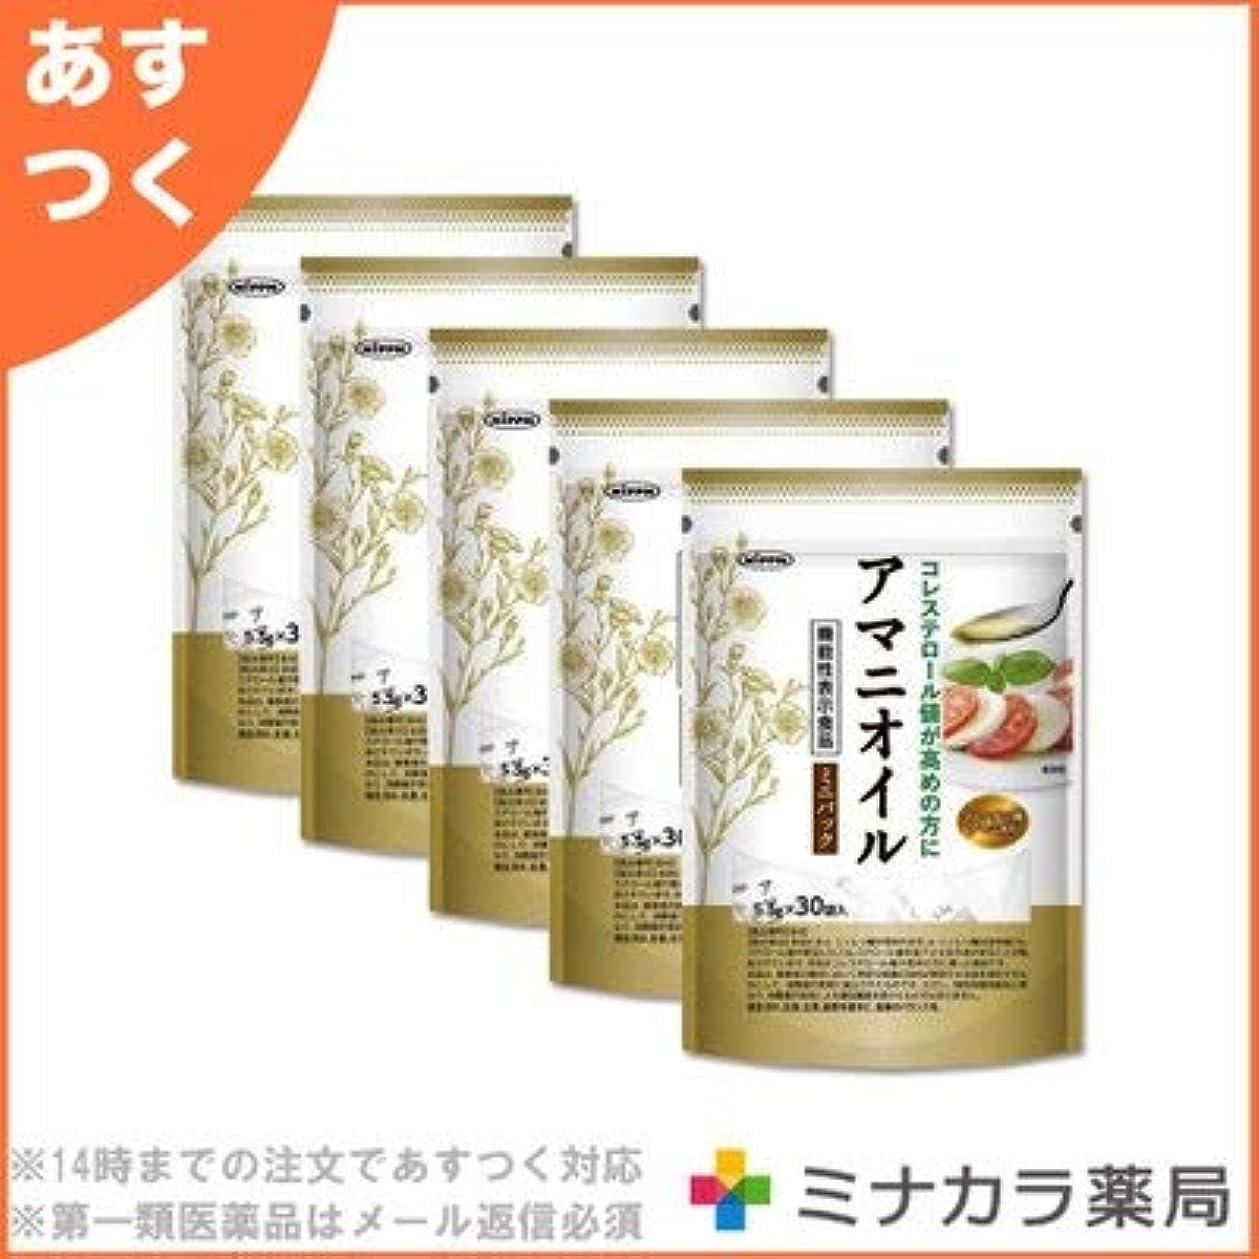 曇ったひばりライブ日本製粉 アマニオイル ミニパック 5.5g×30 (機能性表示食品)×5個セット